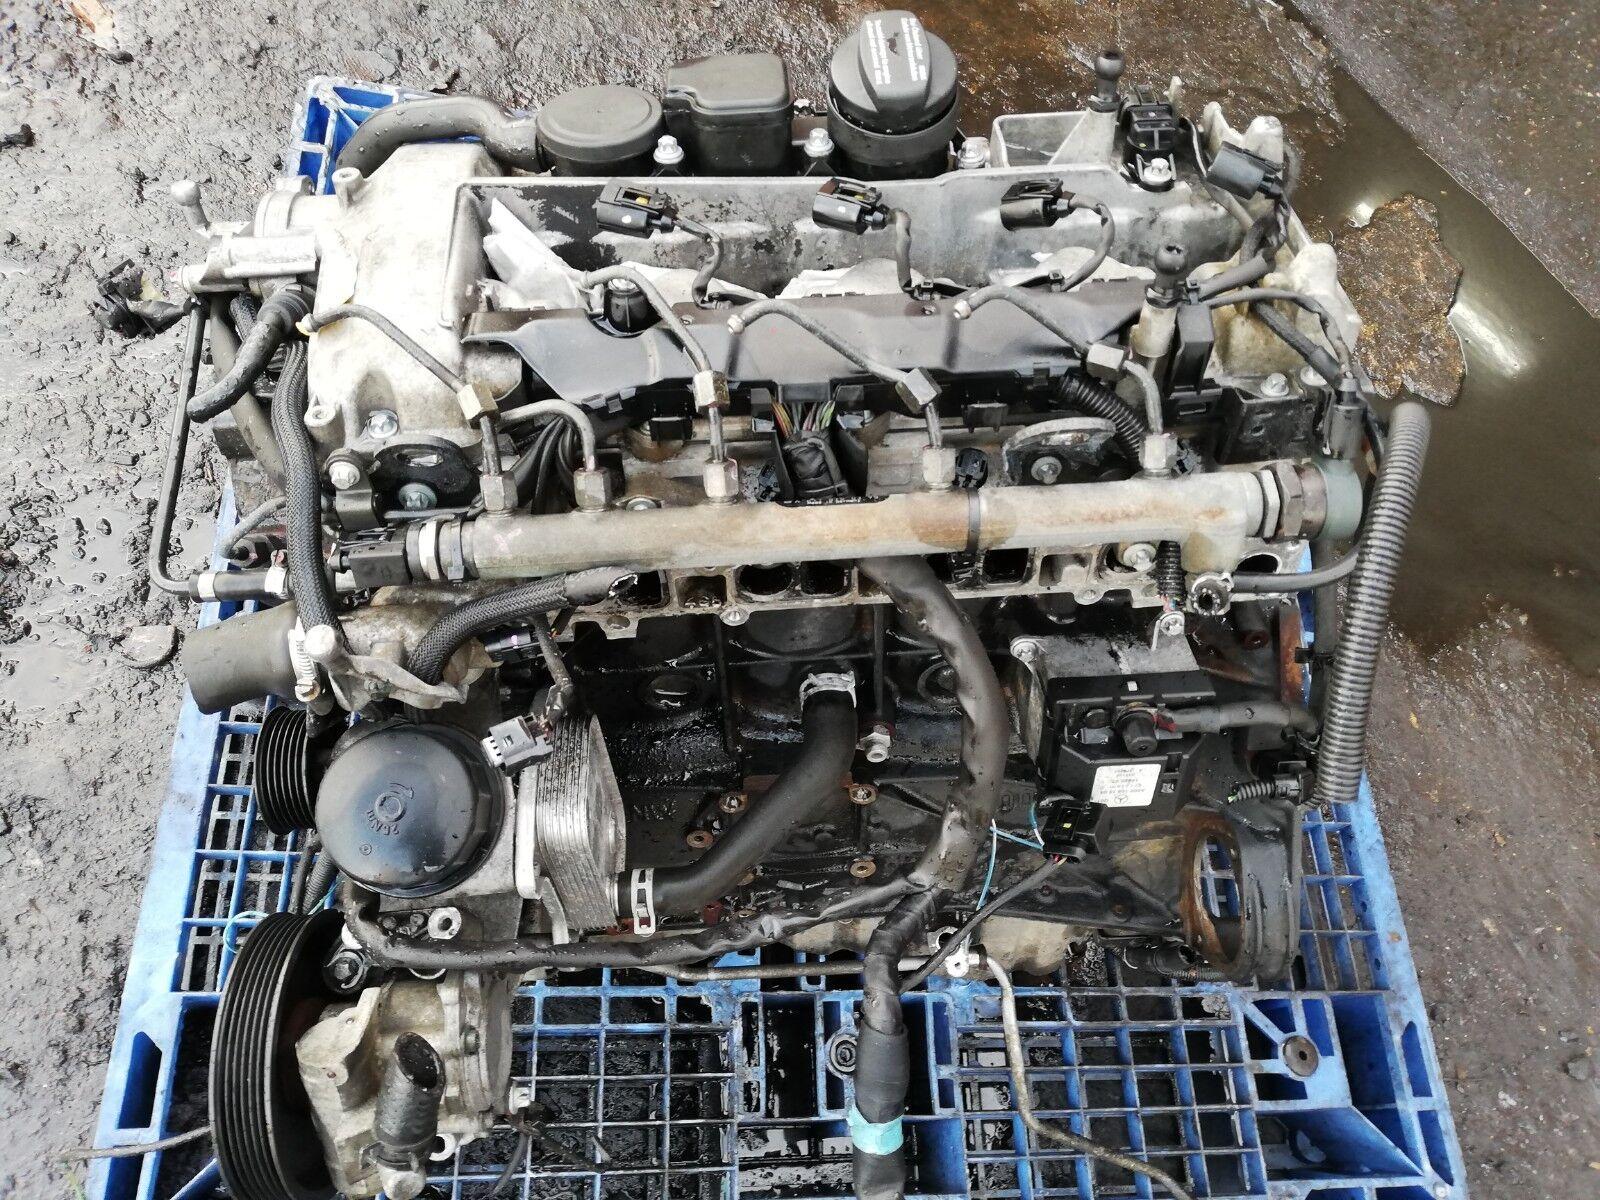 2004 MERCEDES C220 CDI W203 AUTO 2 2 CDI 150BHP COMPLETE BARE ENGINE OM  646 963